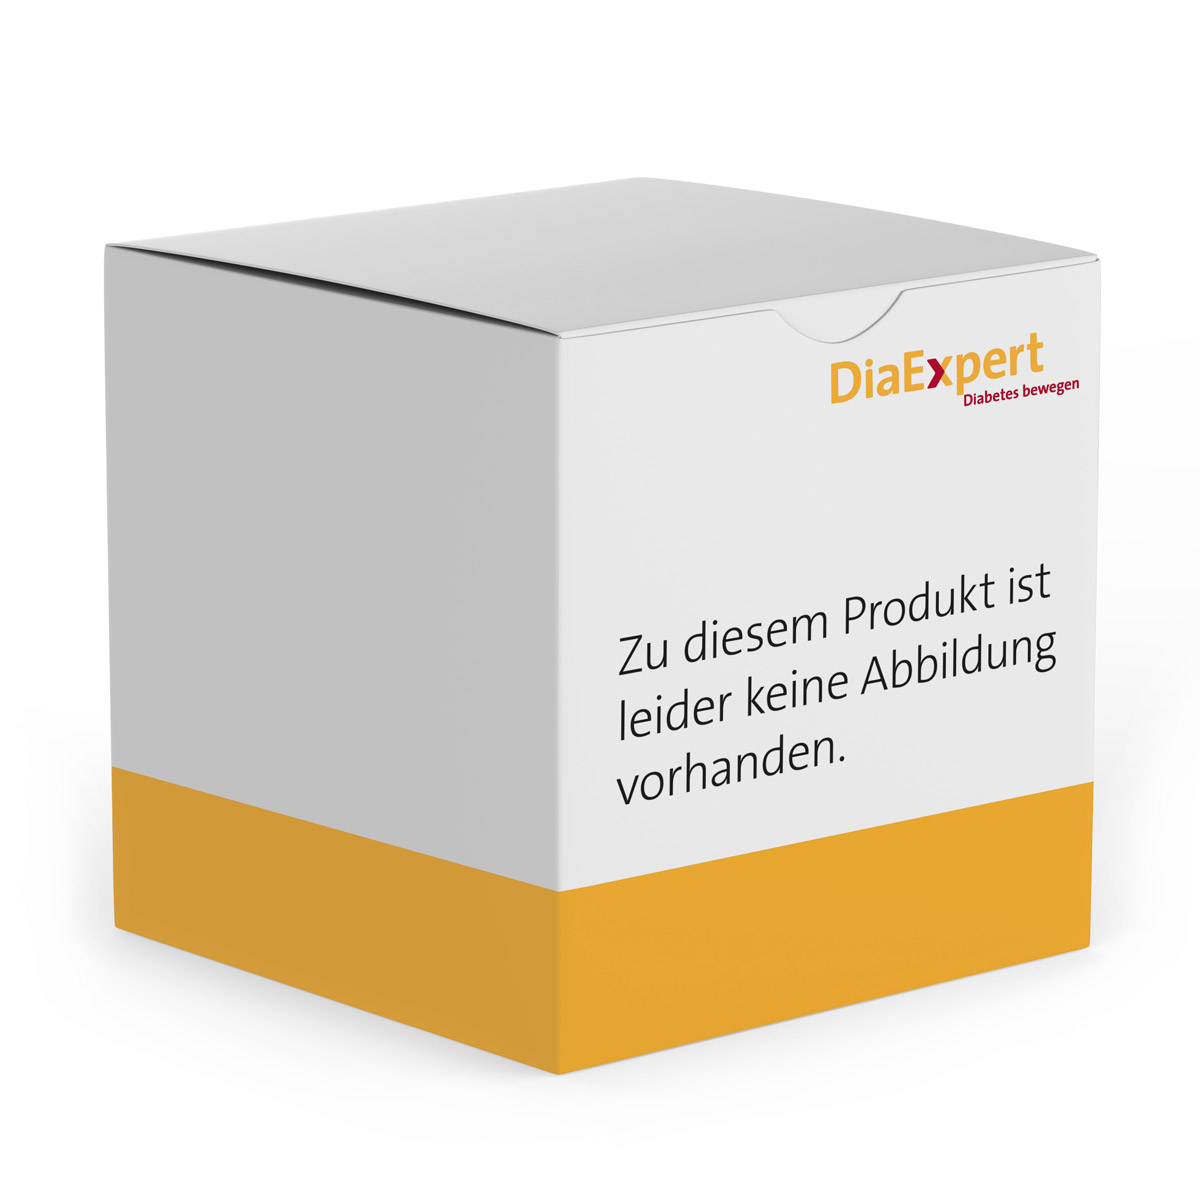 ISO-Zertifizierung für DiaExpert